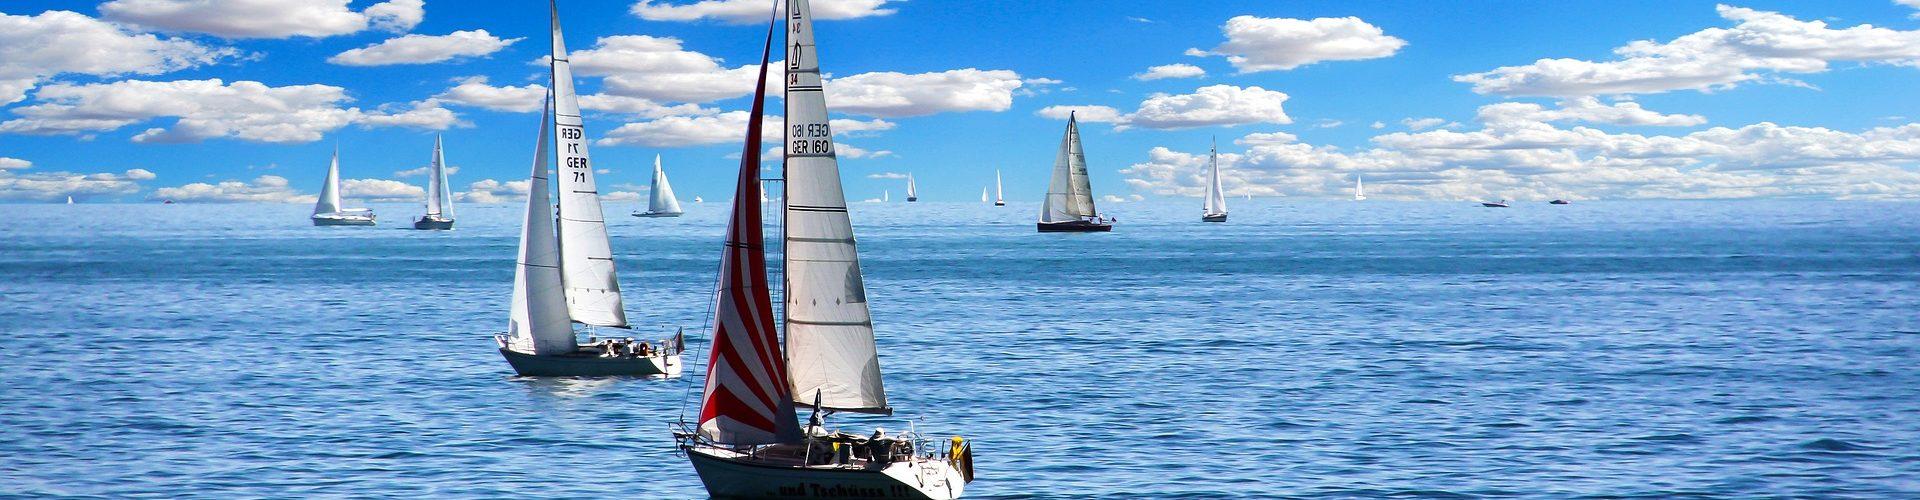 segeln lernen in Stralsund segelschein machen in Stralsund 1920x500 - Segeln lernen in Stralsund